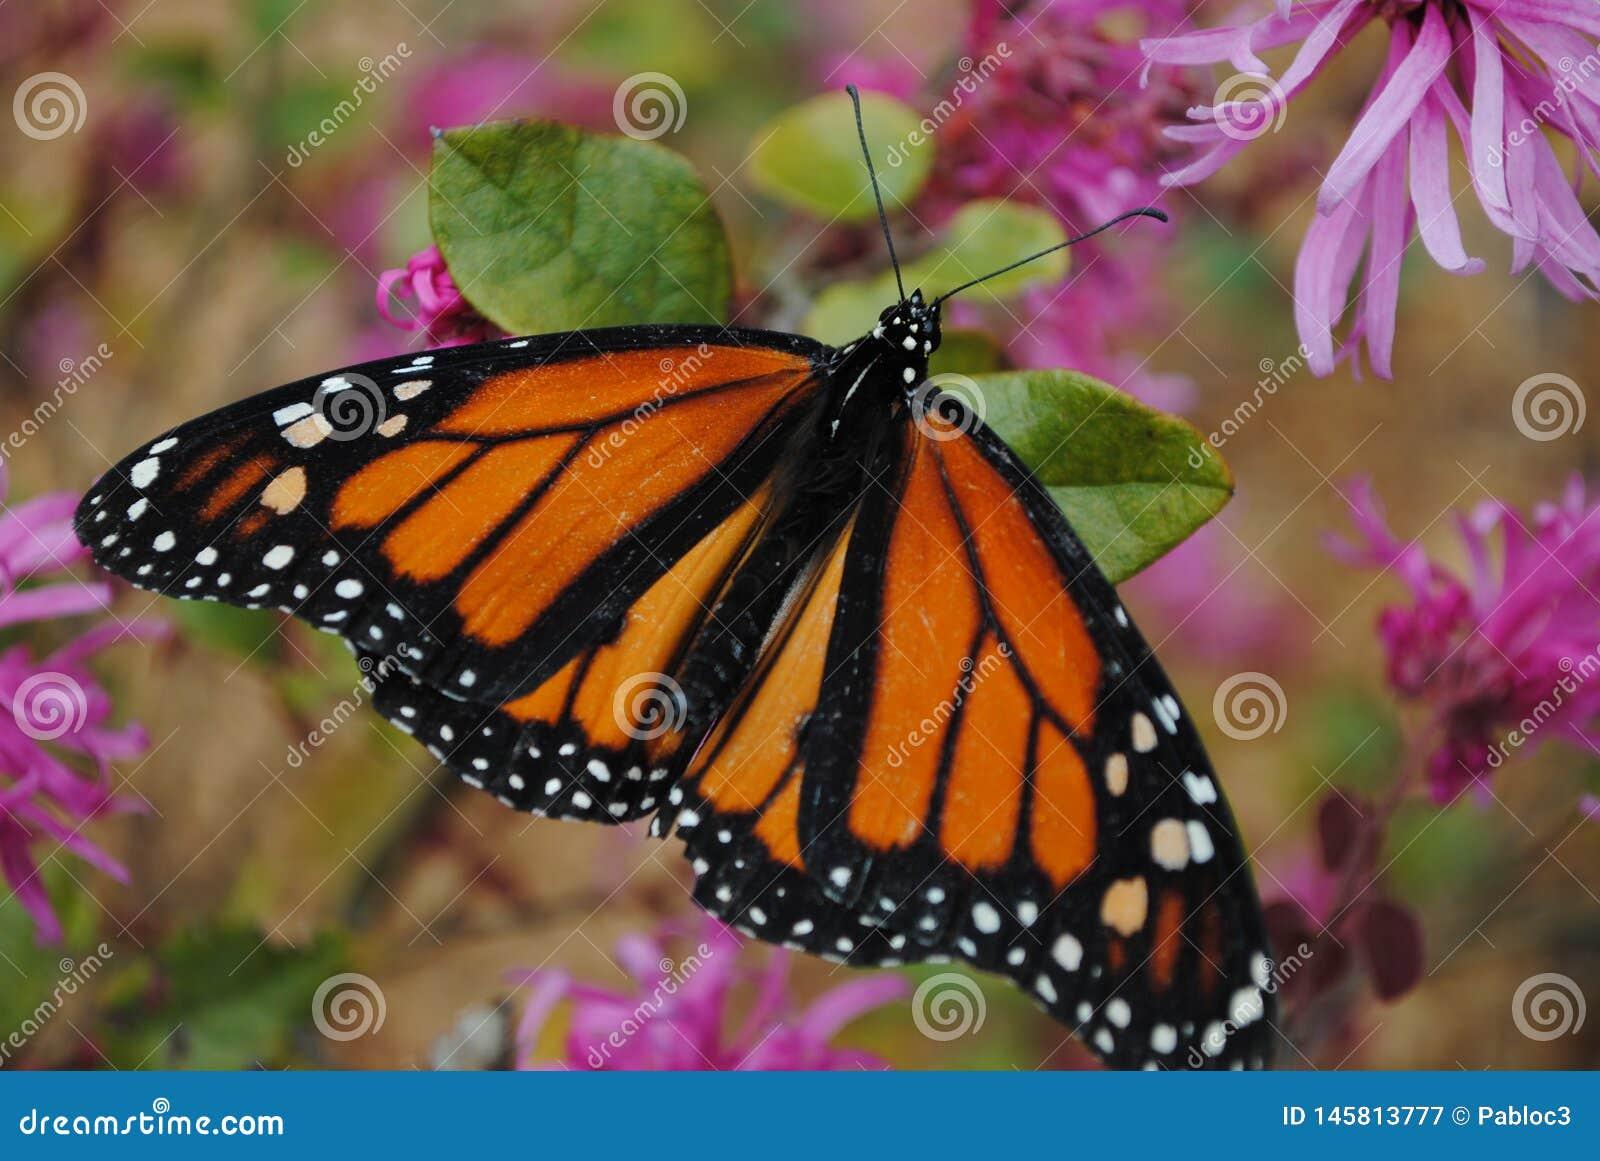 Mariposa de monarca en las alas de extensi?n de la flor